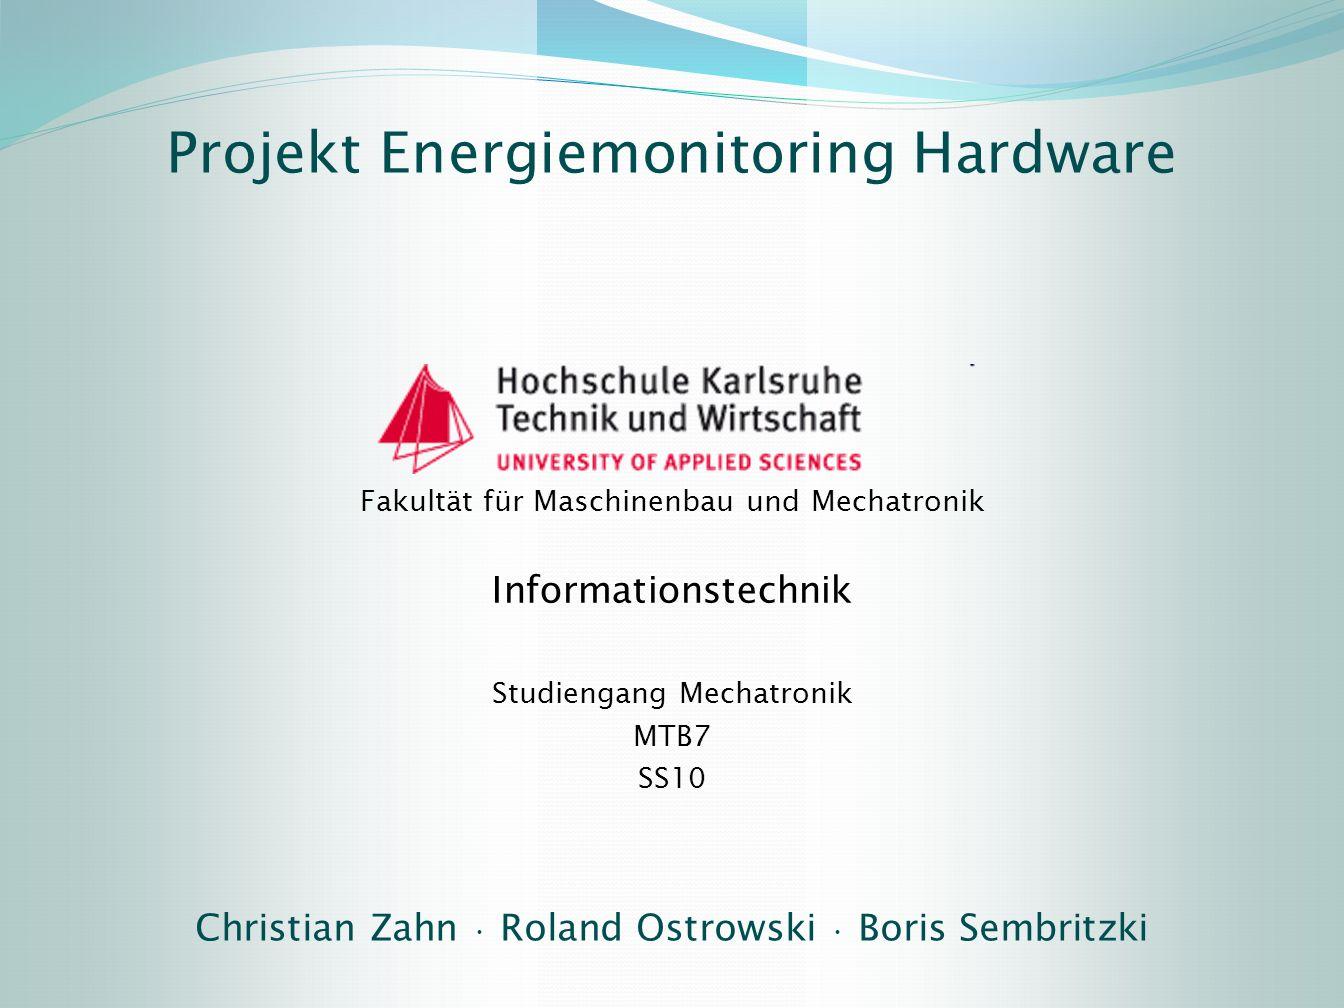 Juli 2010Hochschule Karlsruhe – Multimediales Energieportal Zusammenfassung Multimediales Energieportal